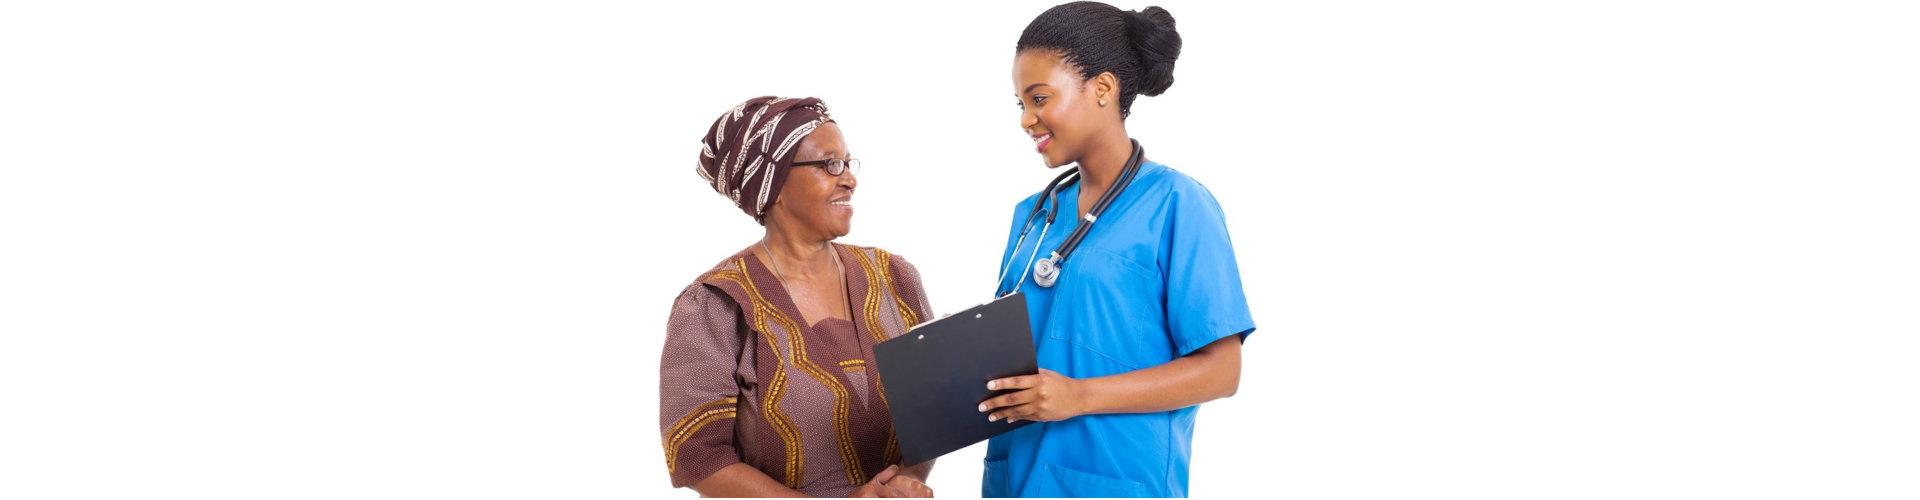 senior woman talking to her nurse